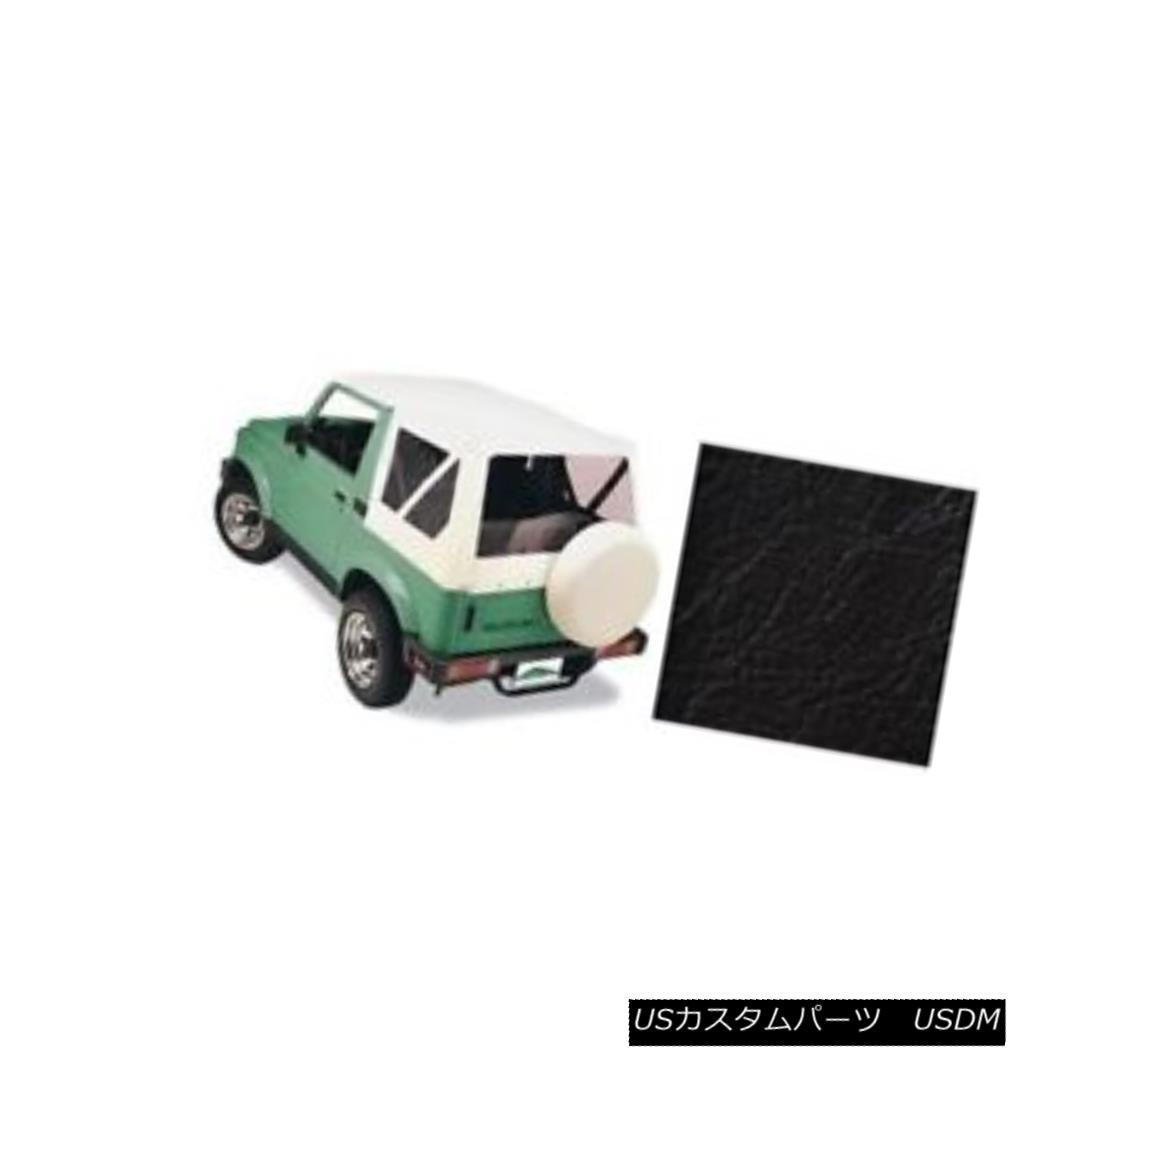 幌・ソフトトップ Pavement Ends 51133-01 Replay Soft Top Black 1989 Suzuki Samurai 舗装端51133-01リプレイソフトトップブラック1989スズキサムライ